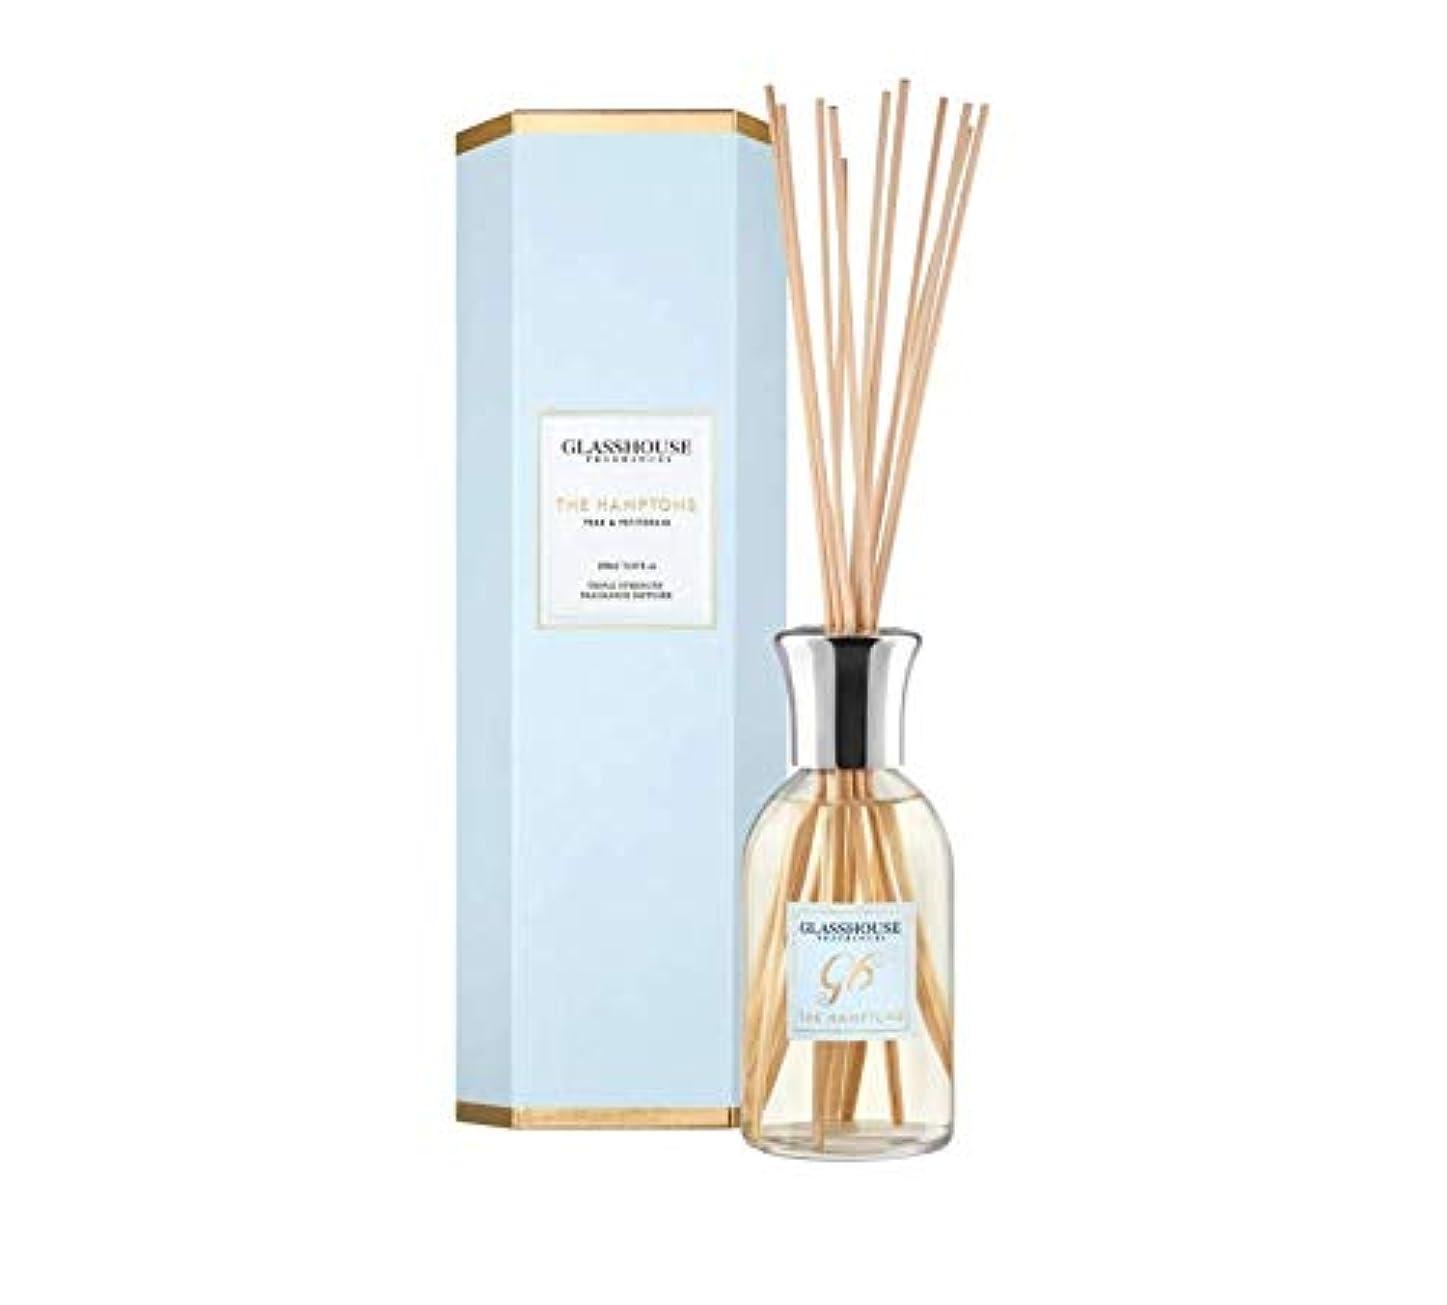 顎症状王室グラスハウス Triple Strength Fragrance Diffuser - The Hamptons 250ml/8.45oz並行輸入品